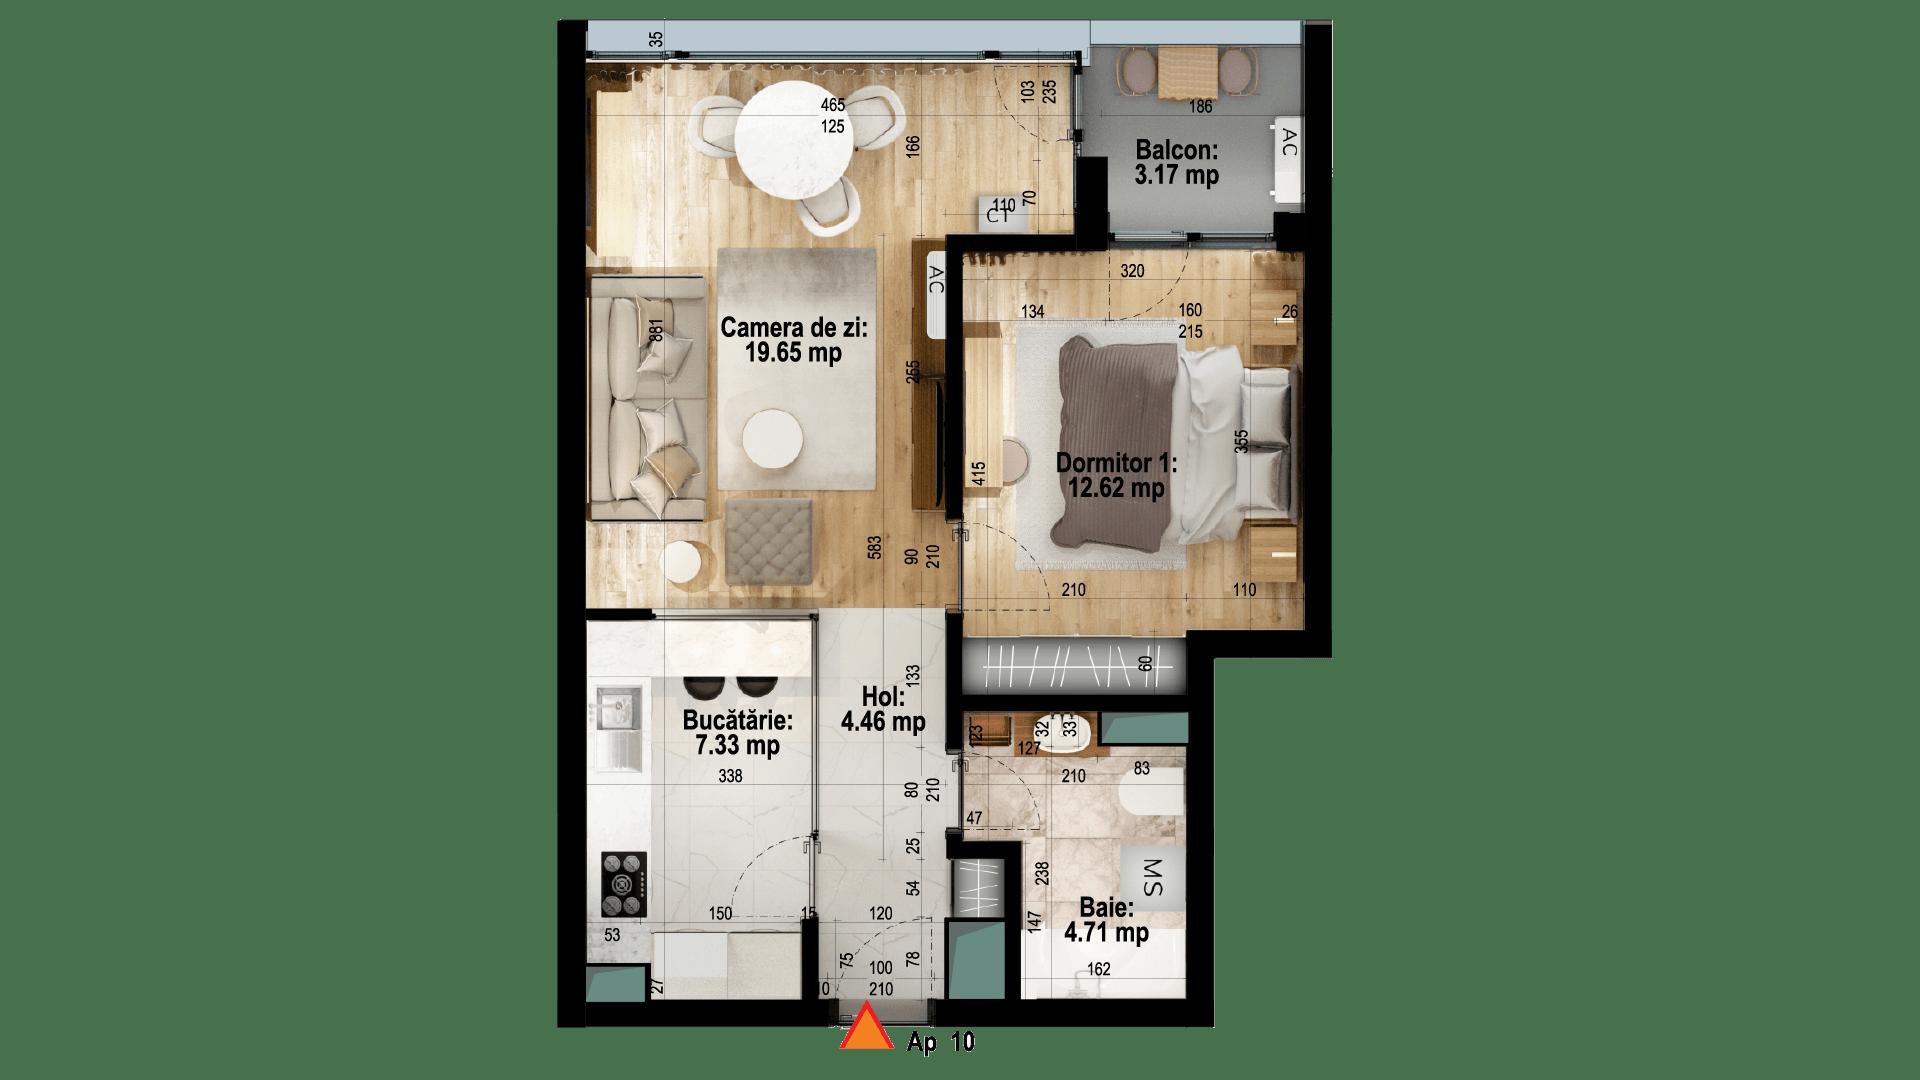 Apartament tip 10